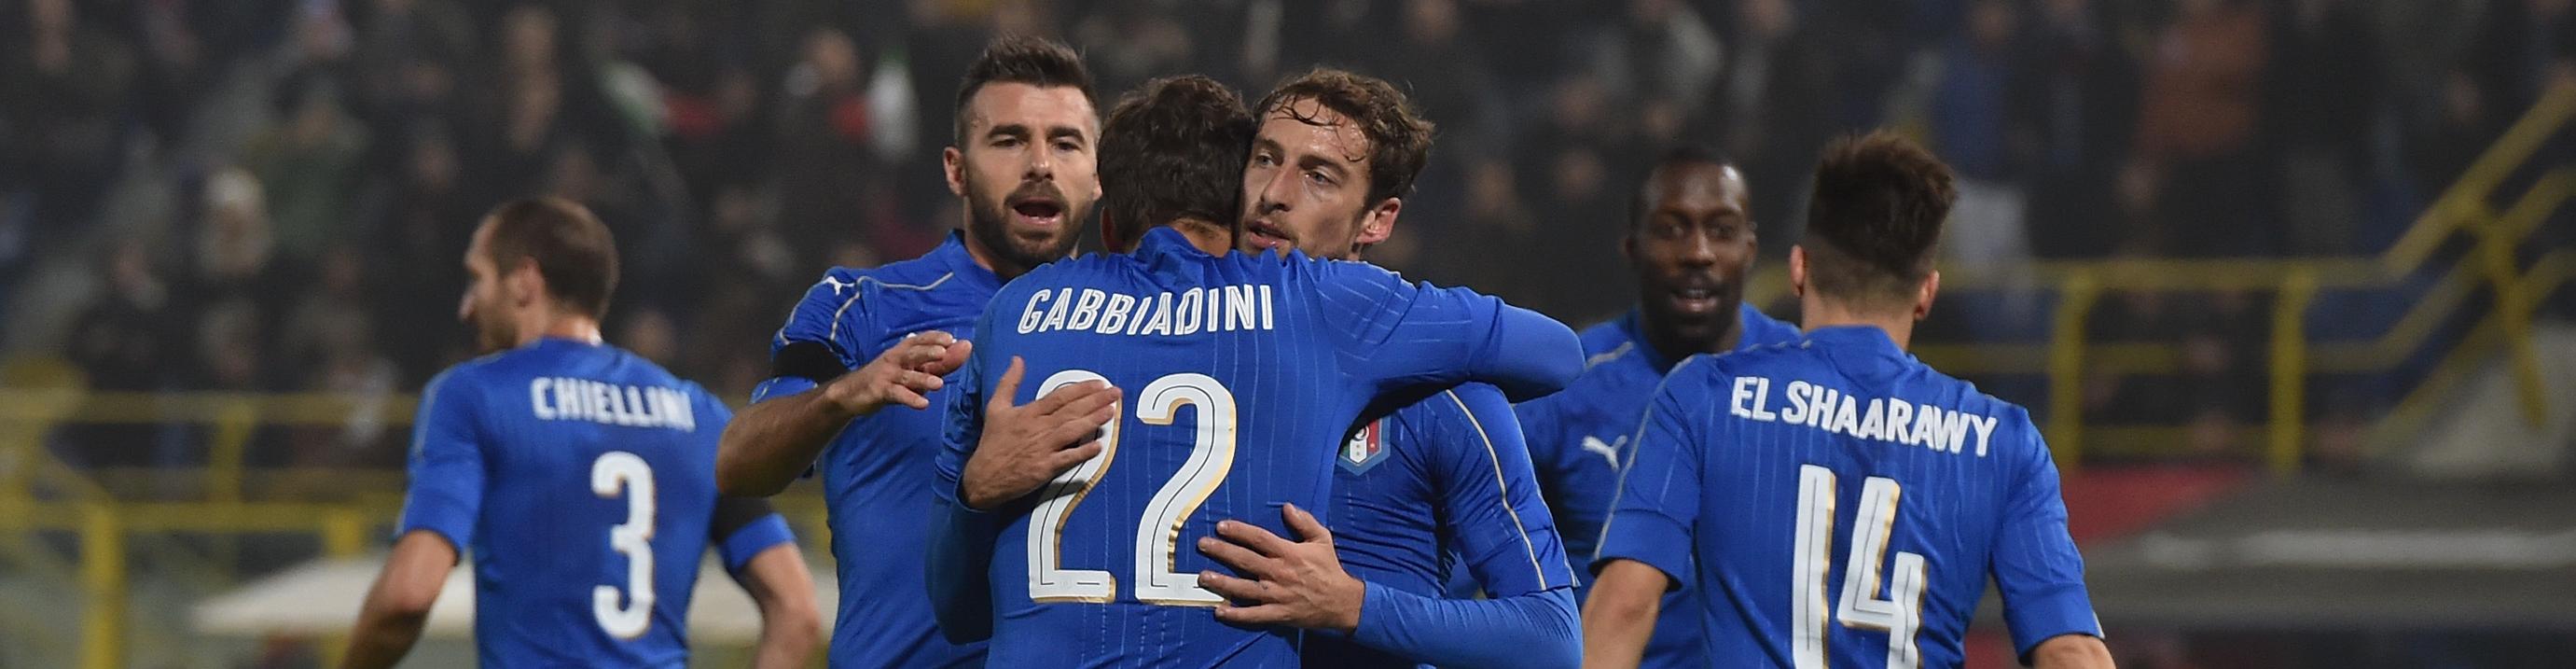 Marchisio abbracciato da Gabbiadini